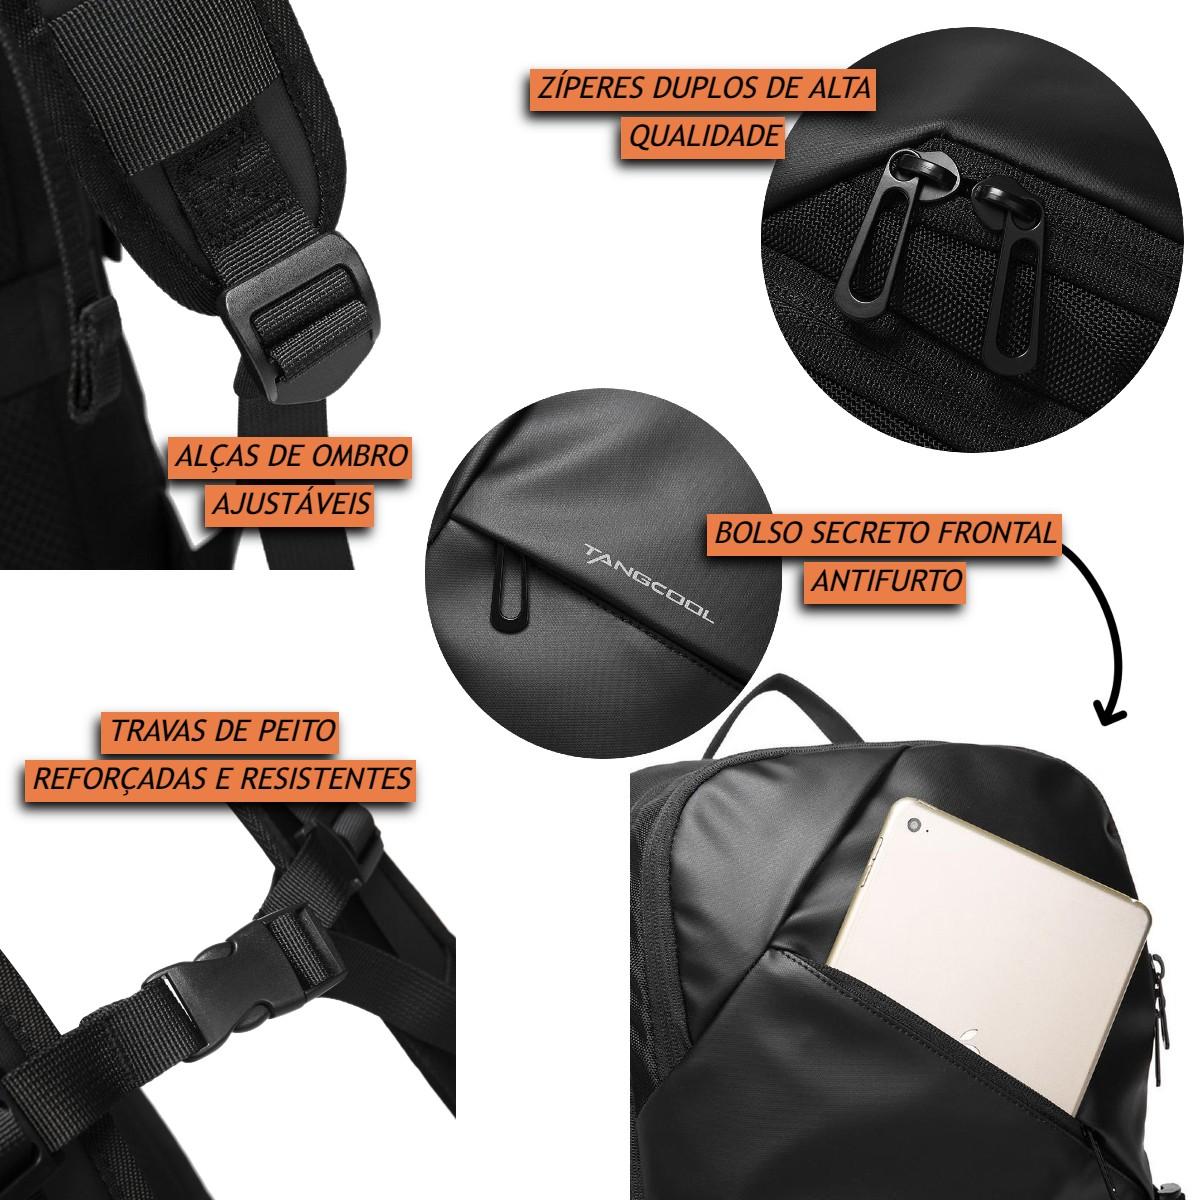 Mochila Impermeável Masculina Antifurto Premium em Tecido Balístico Anatômica Com Compartimento para Notebooks 15.6 Polegadas Esportiva Resistente de Alta Qualidade Capacidade de 30 Litros Tangcool